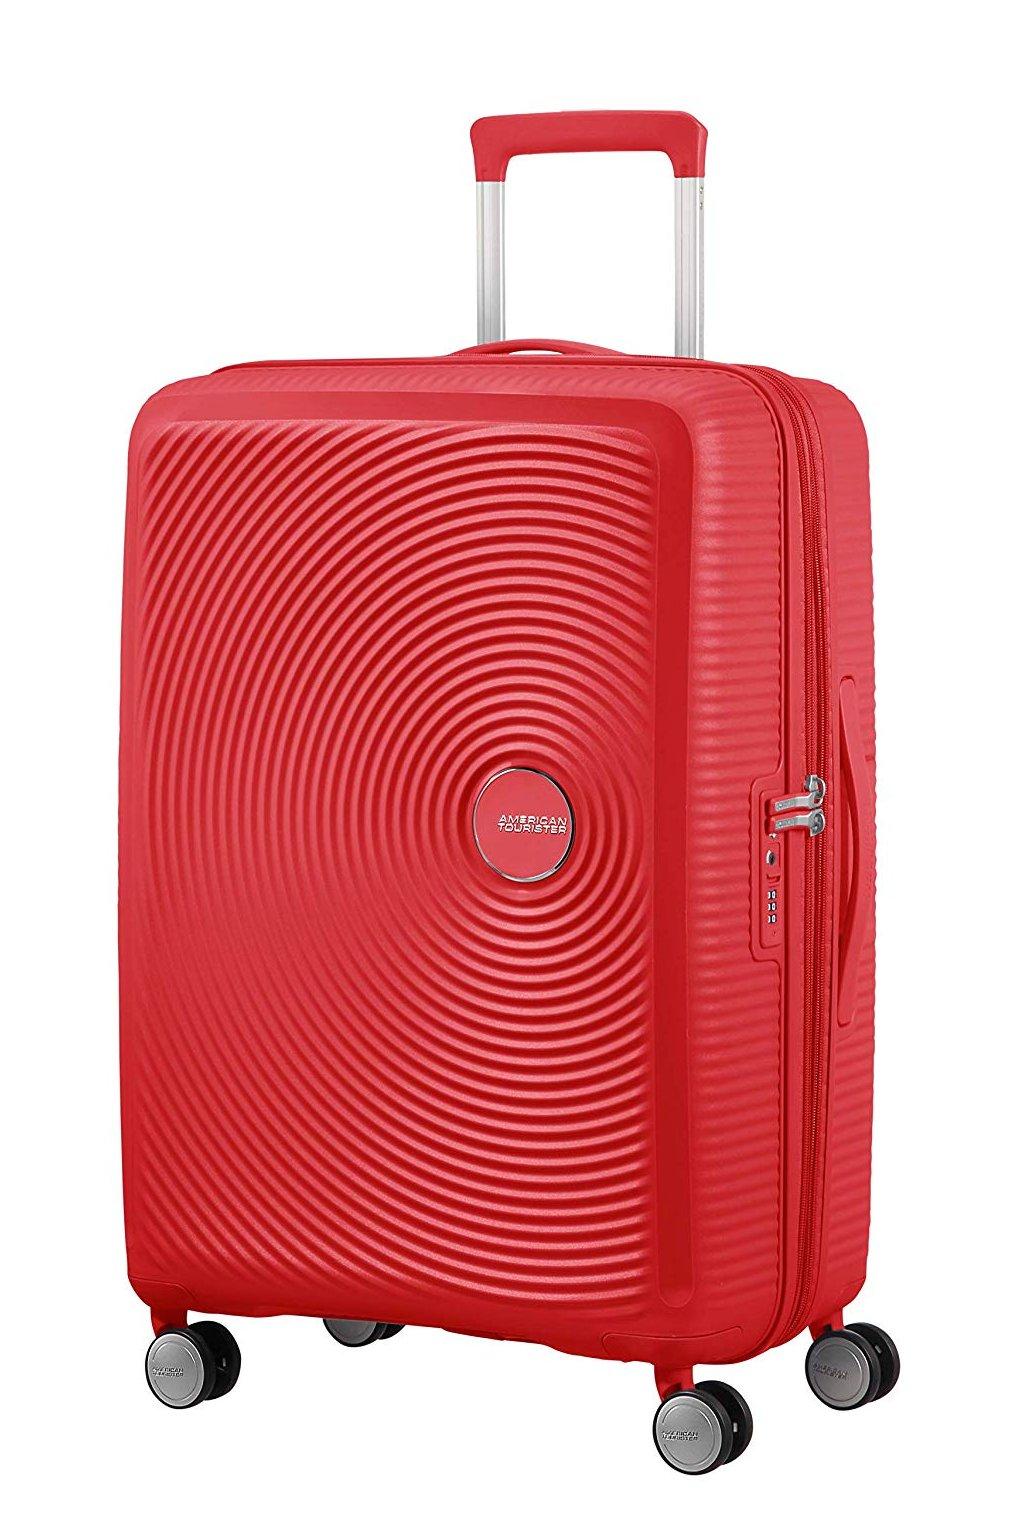 kufrland americantourister soundbox red (10)